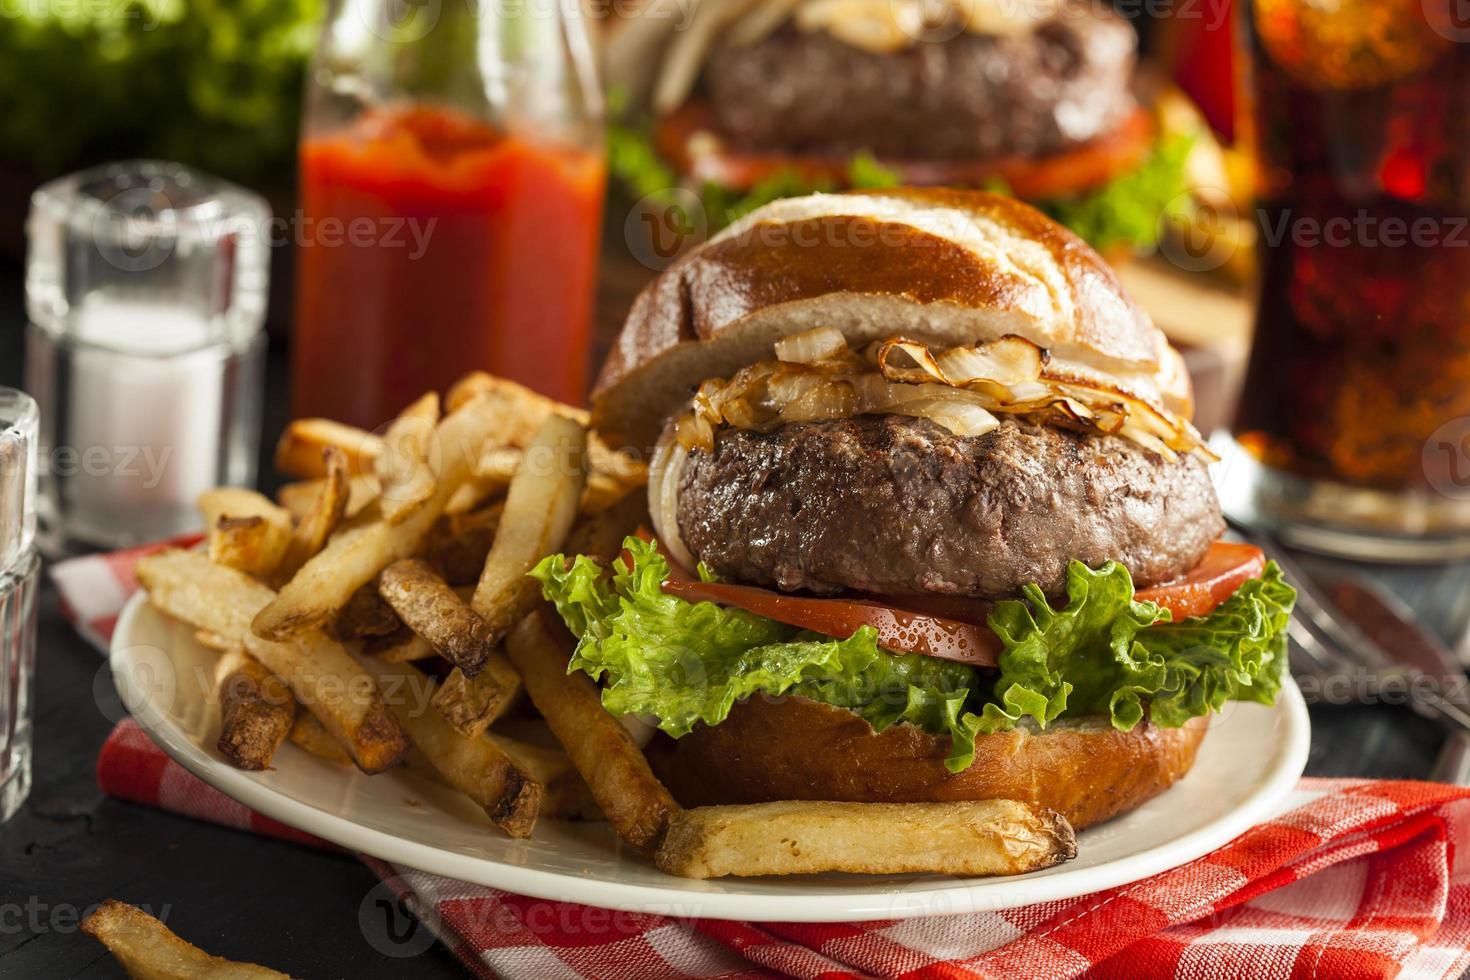 gastronomische hamburger met sla en tomaat foto